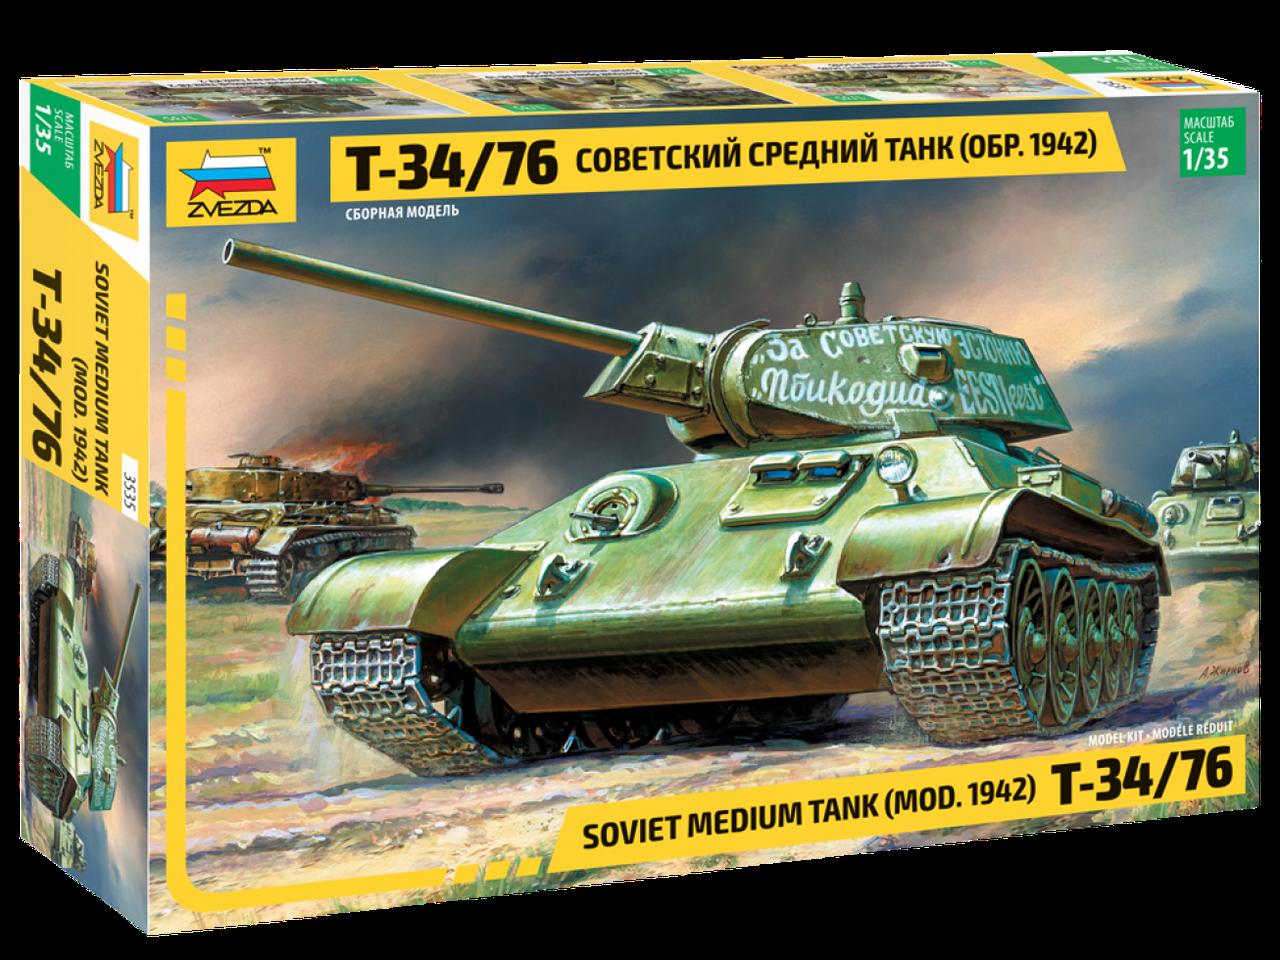 Советский средний танк Т-34/76 (обр. 1942 г.). 1/35 ZVEZDA 3535